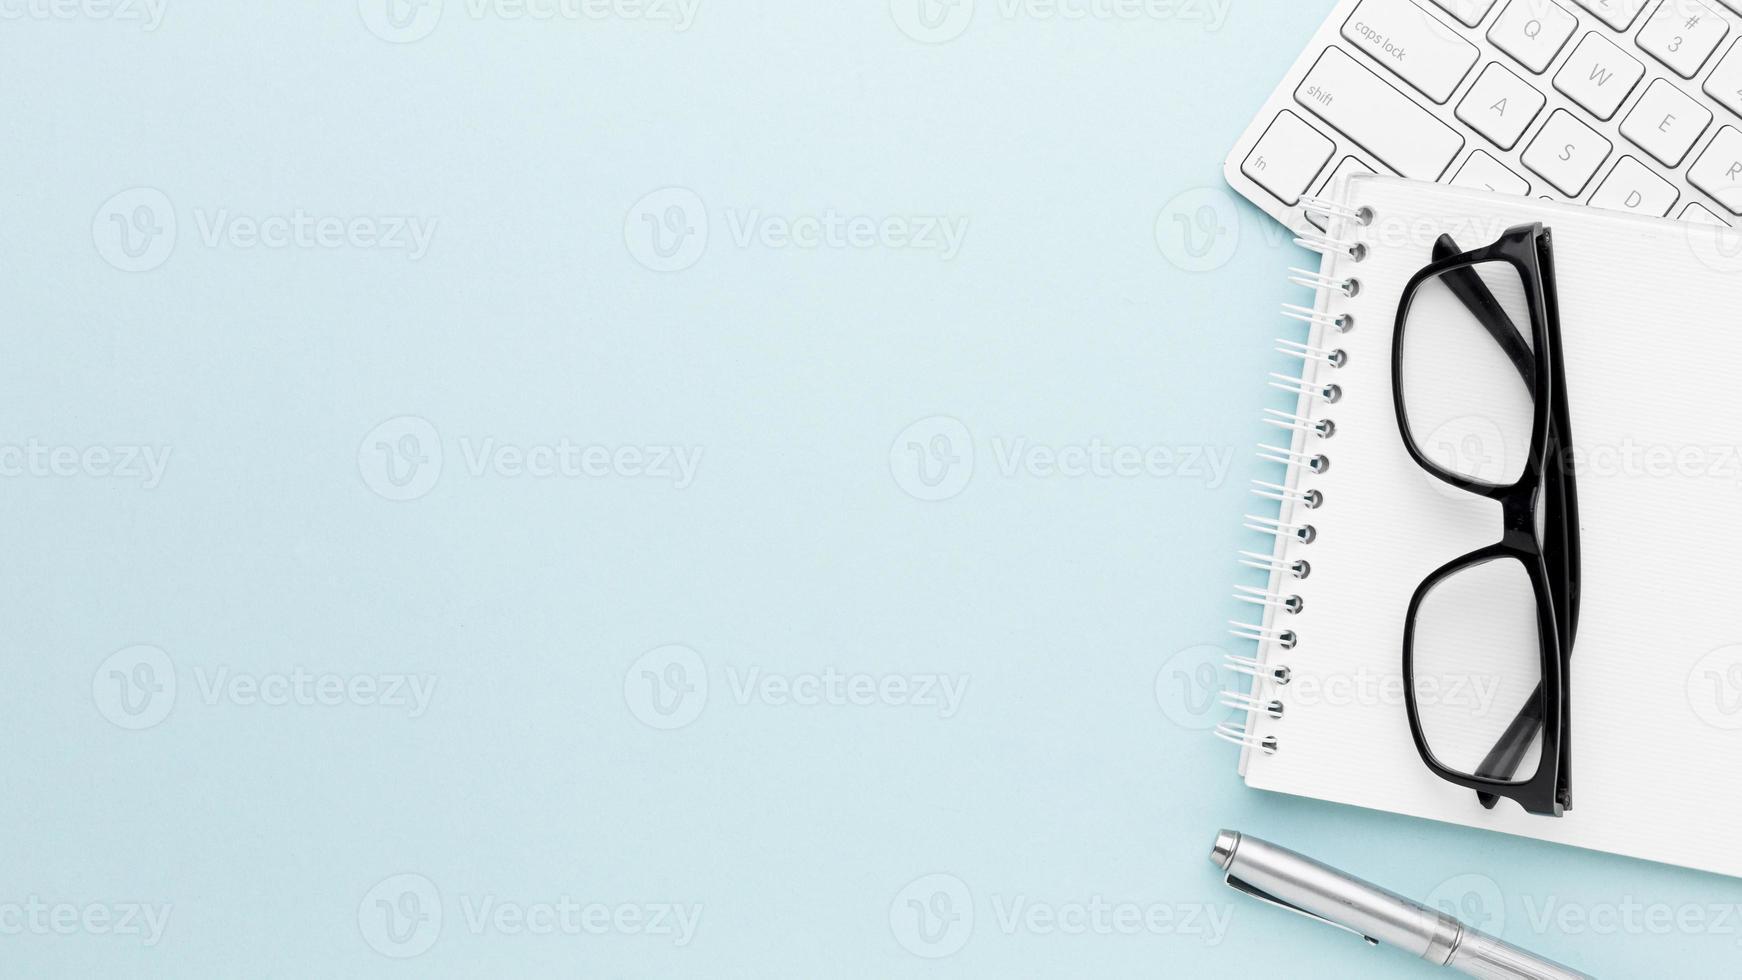 cornice del concetto di scrivania con elementi su sfondo azzurro foto